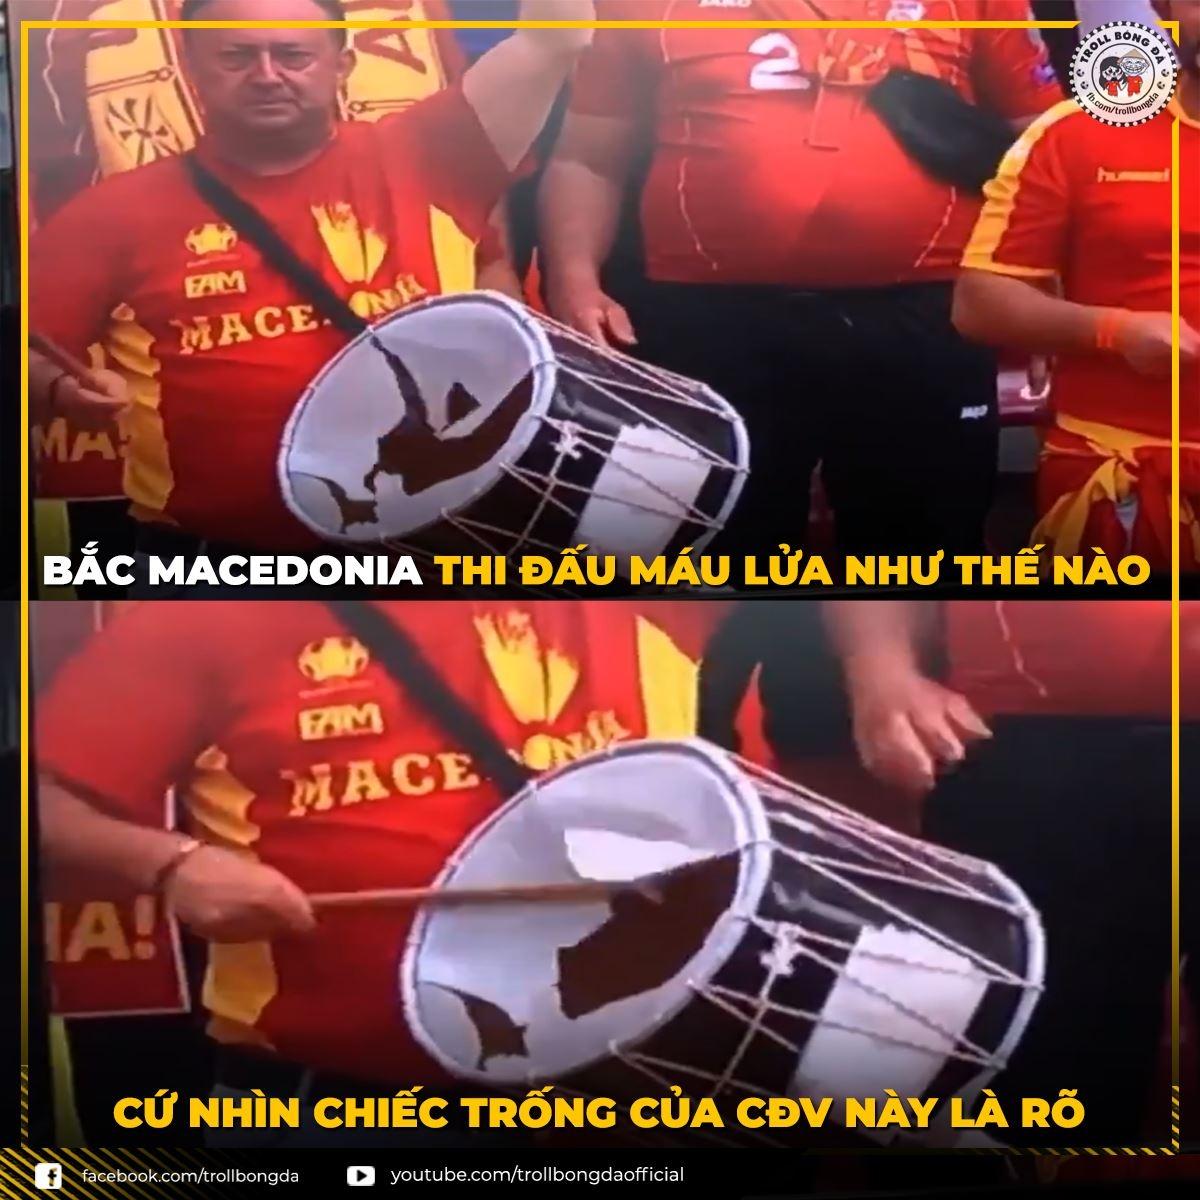 CĐV Bắc Macedonia cổ động thủng cả trống tại EURO 2021. (Ảnh: Troll bóng đá).